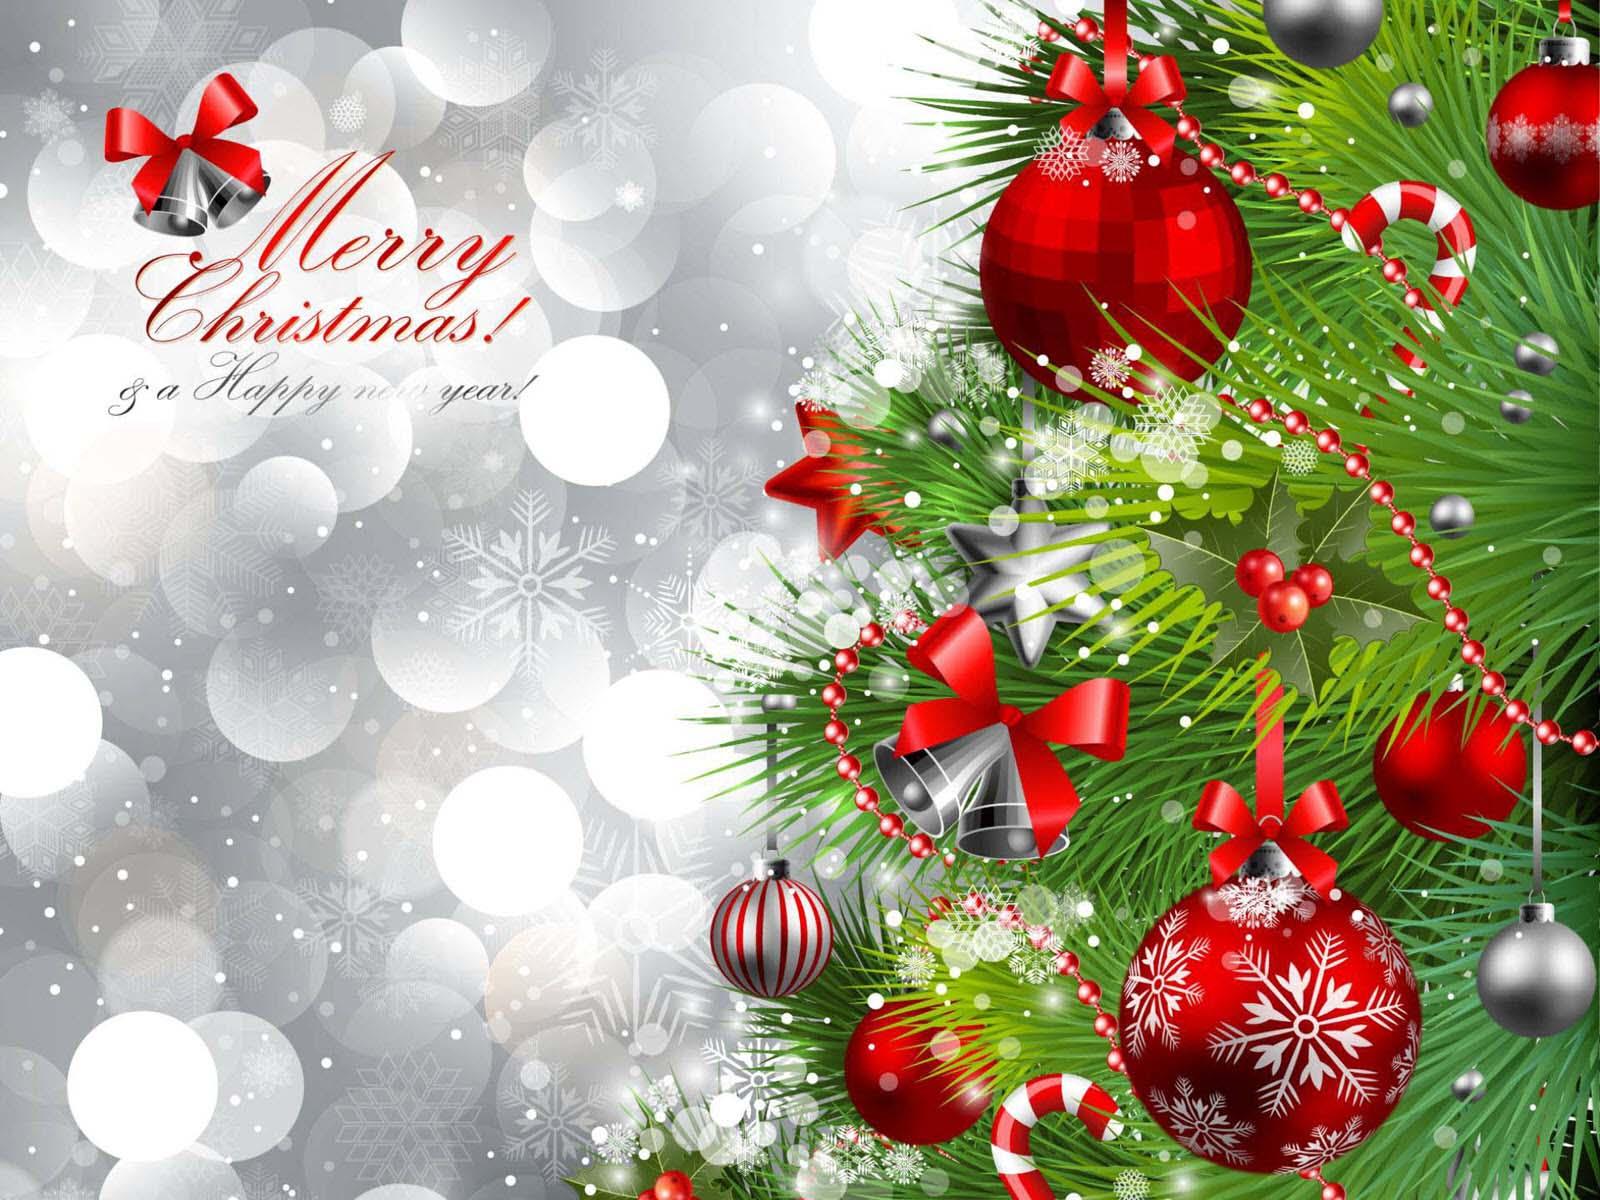 Hình thiệp giáng sinh tặng bạn